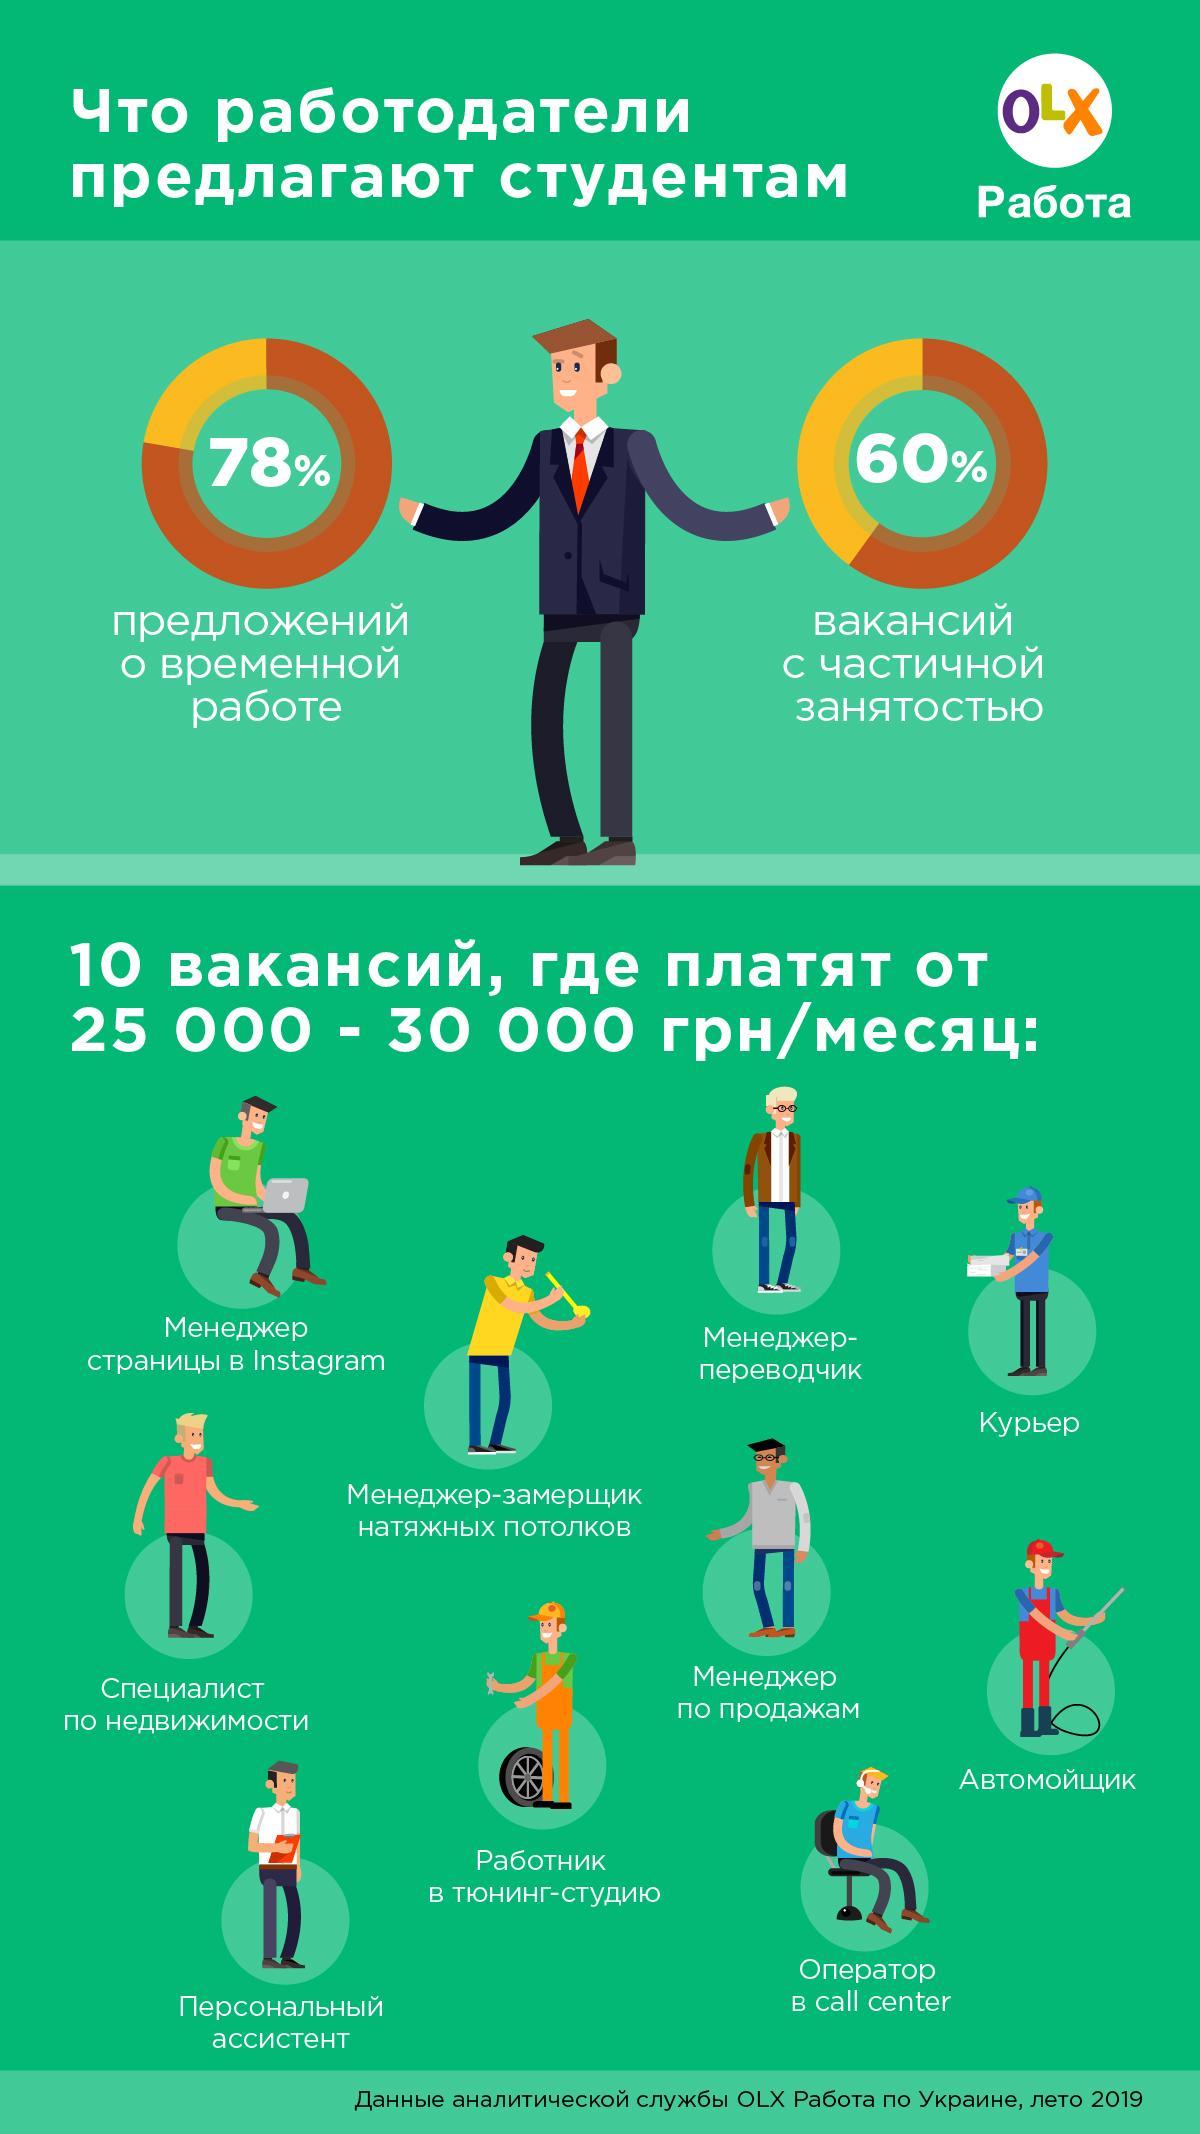 Инфографика по вакансиям для студентов